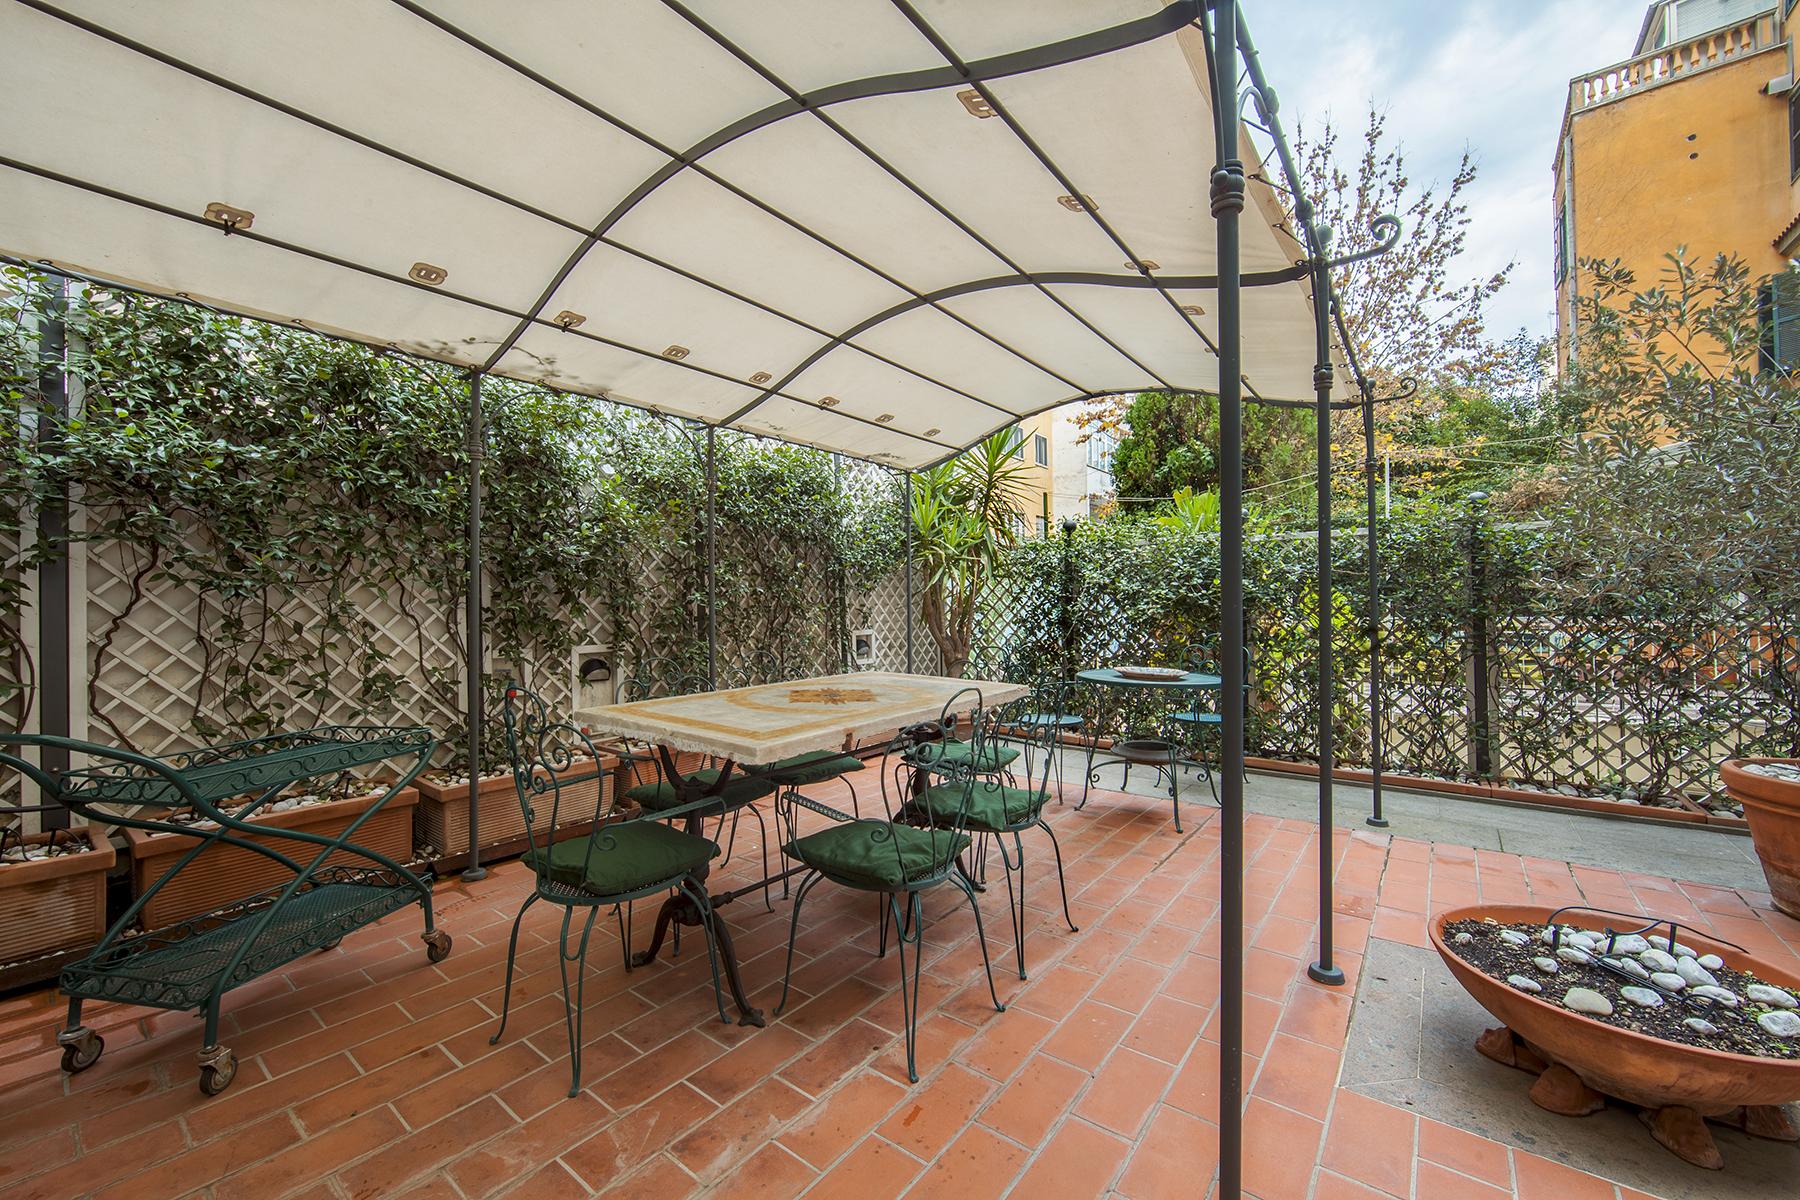 Casa indipendente di lusso in vendita a roma via viale del for Vendita case lusso